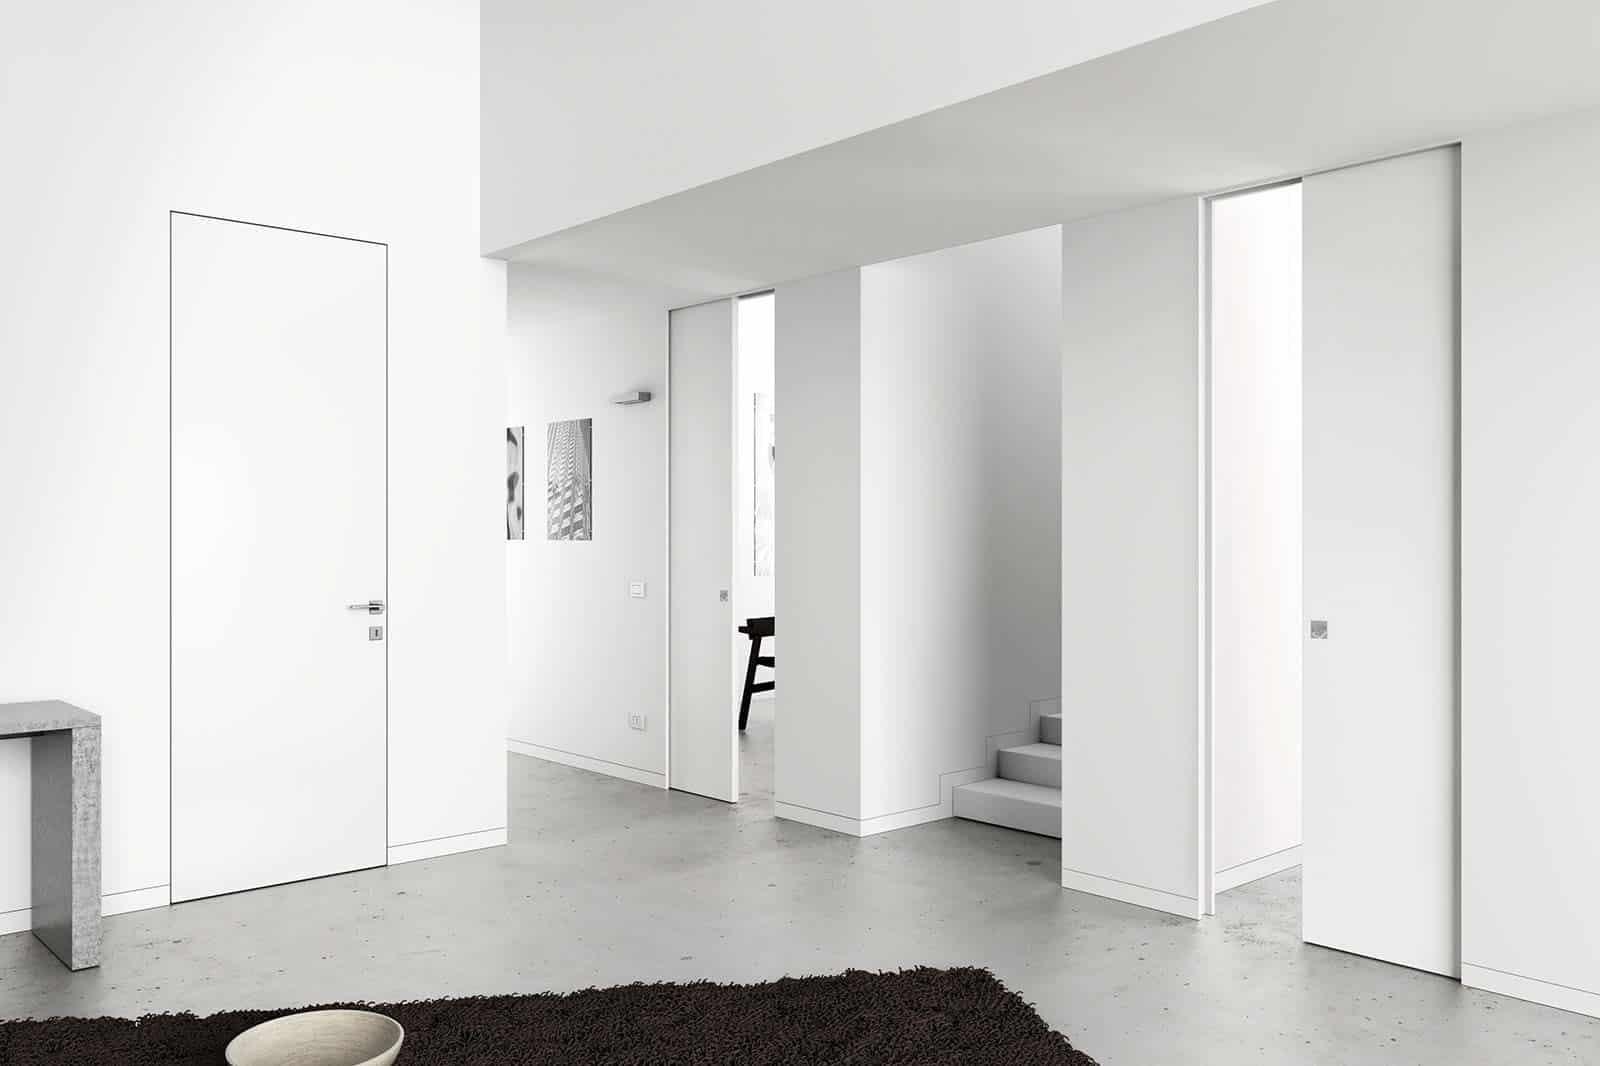 Battiscopa di design eclusse ecco le nuove tendenze for Zoccolo casa moderna